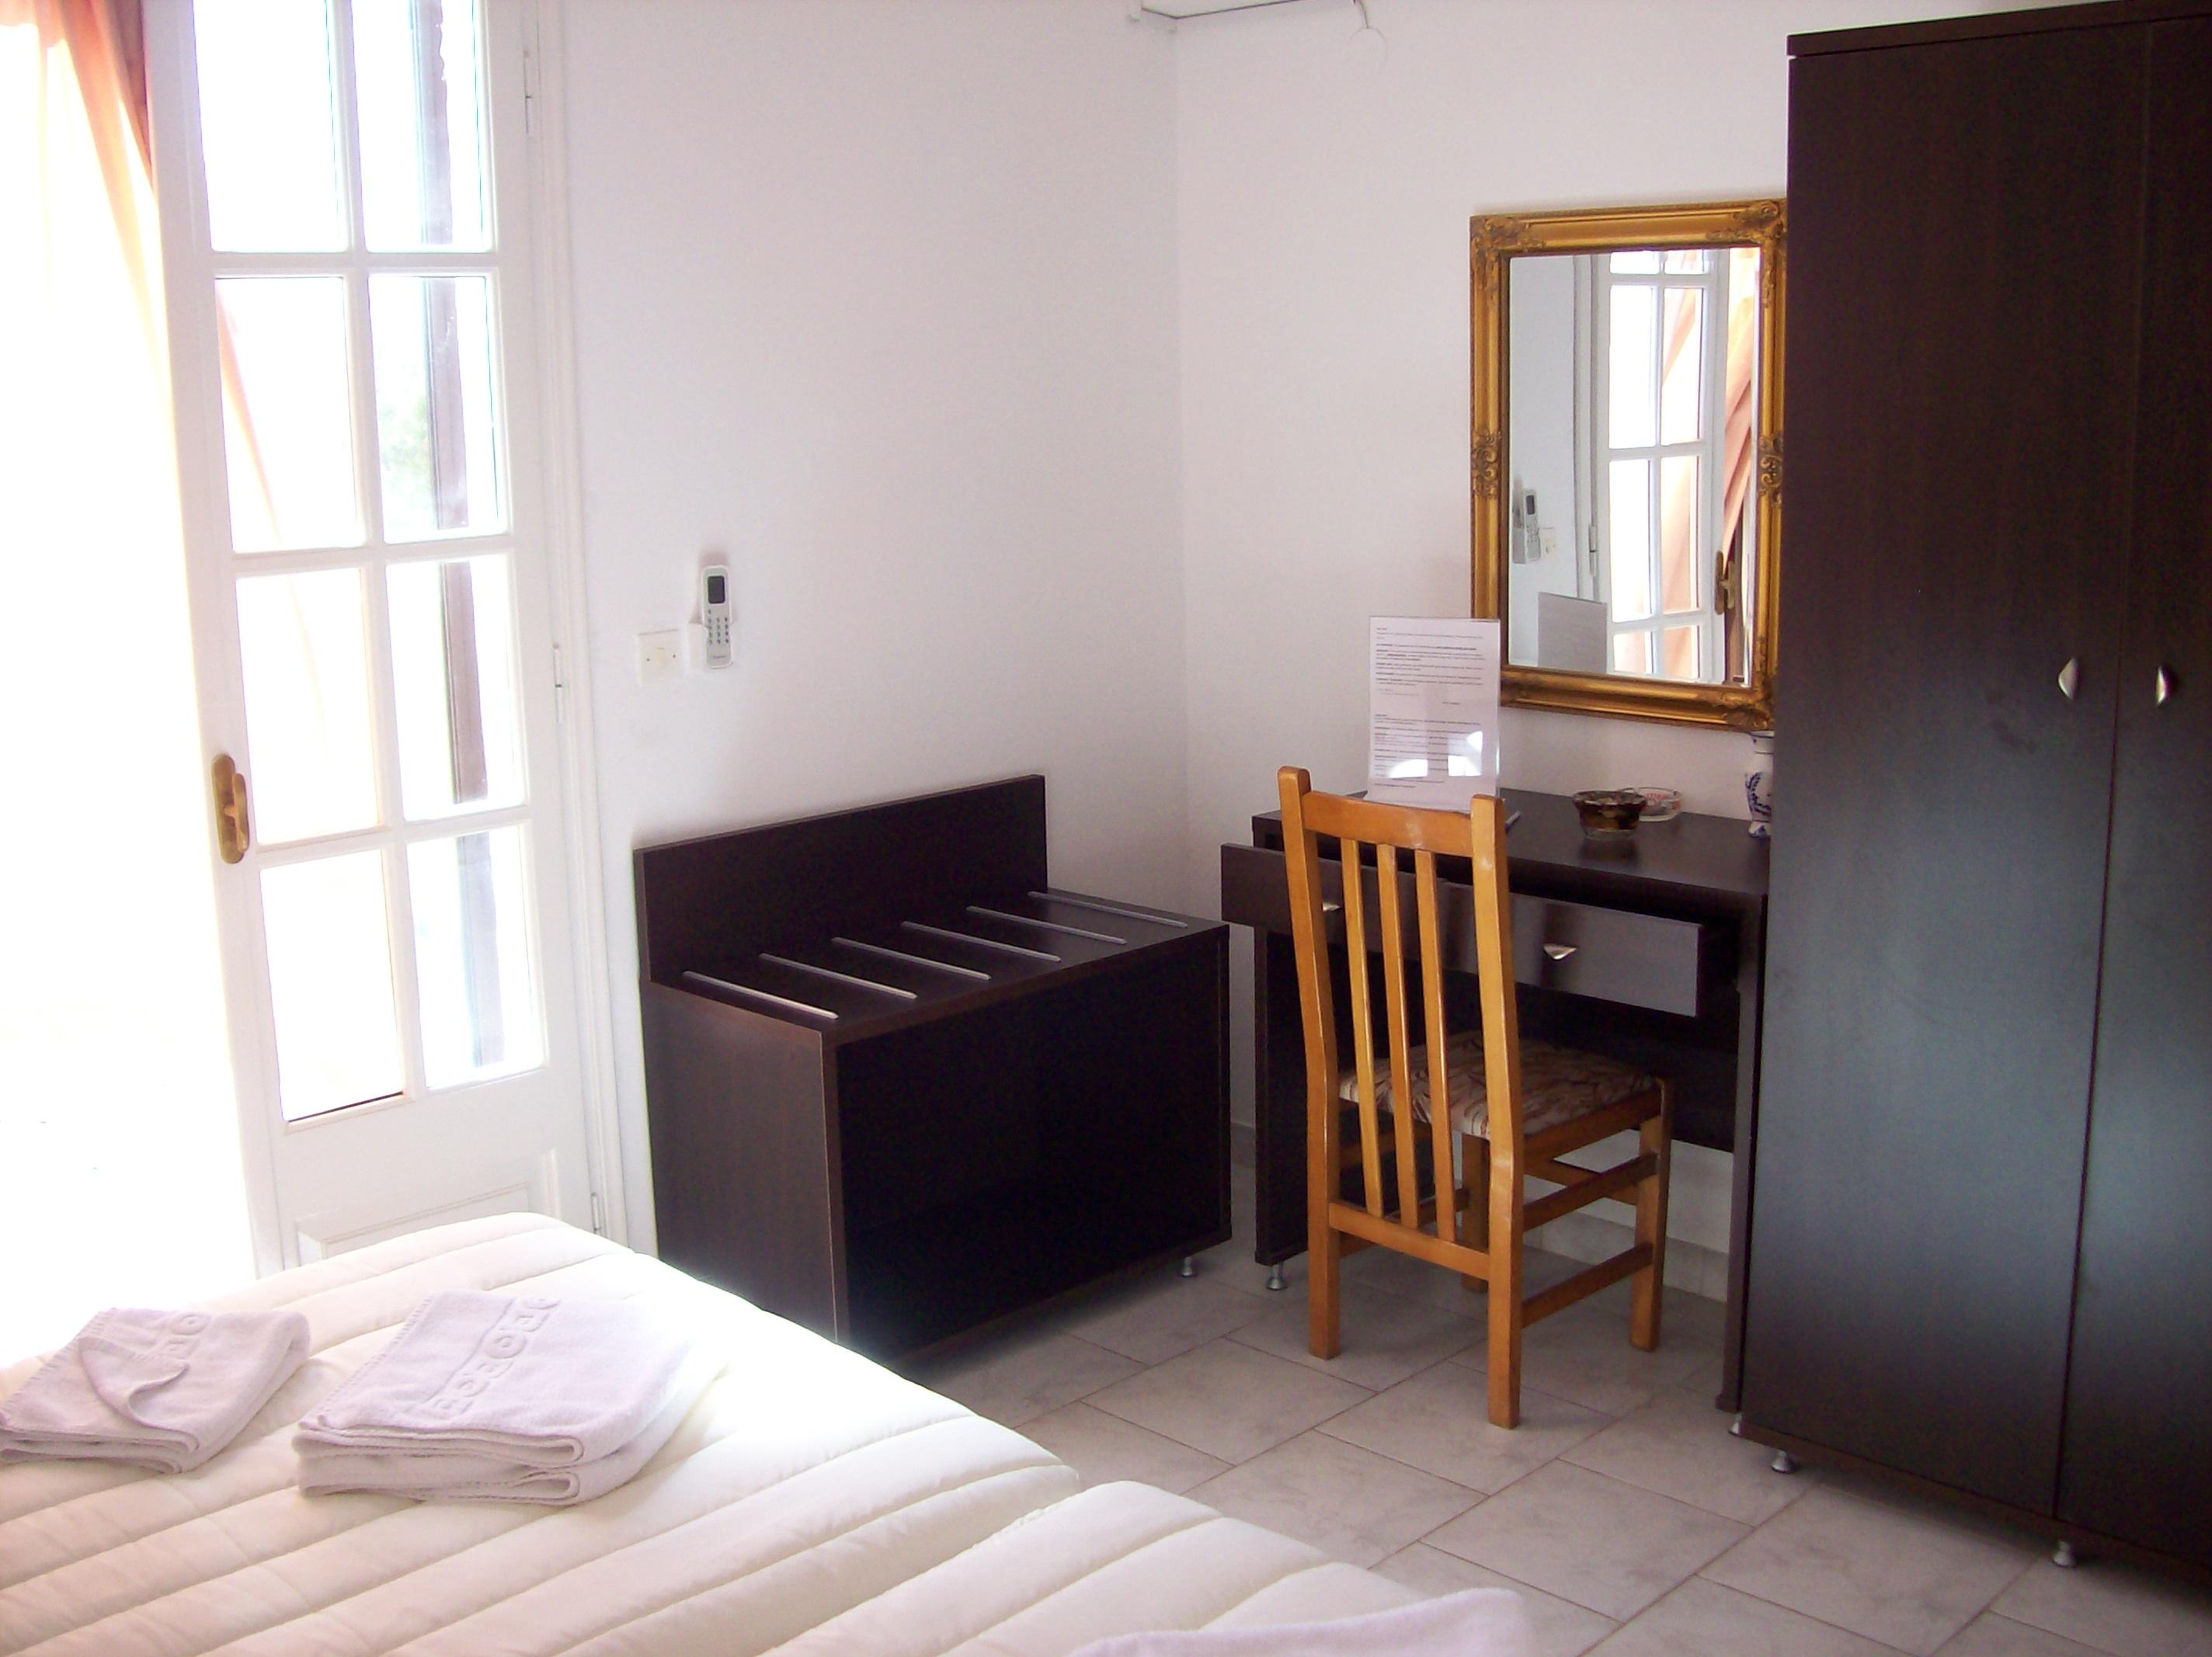 interior No1